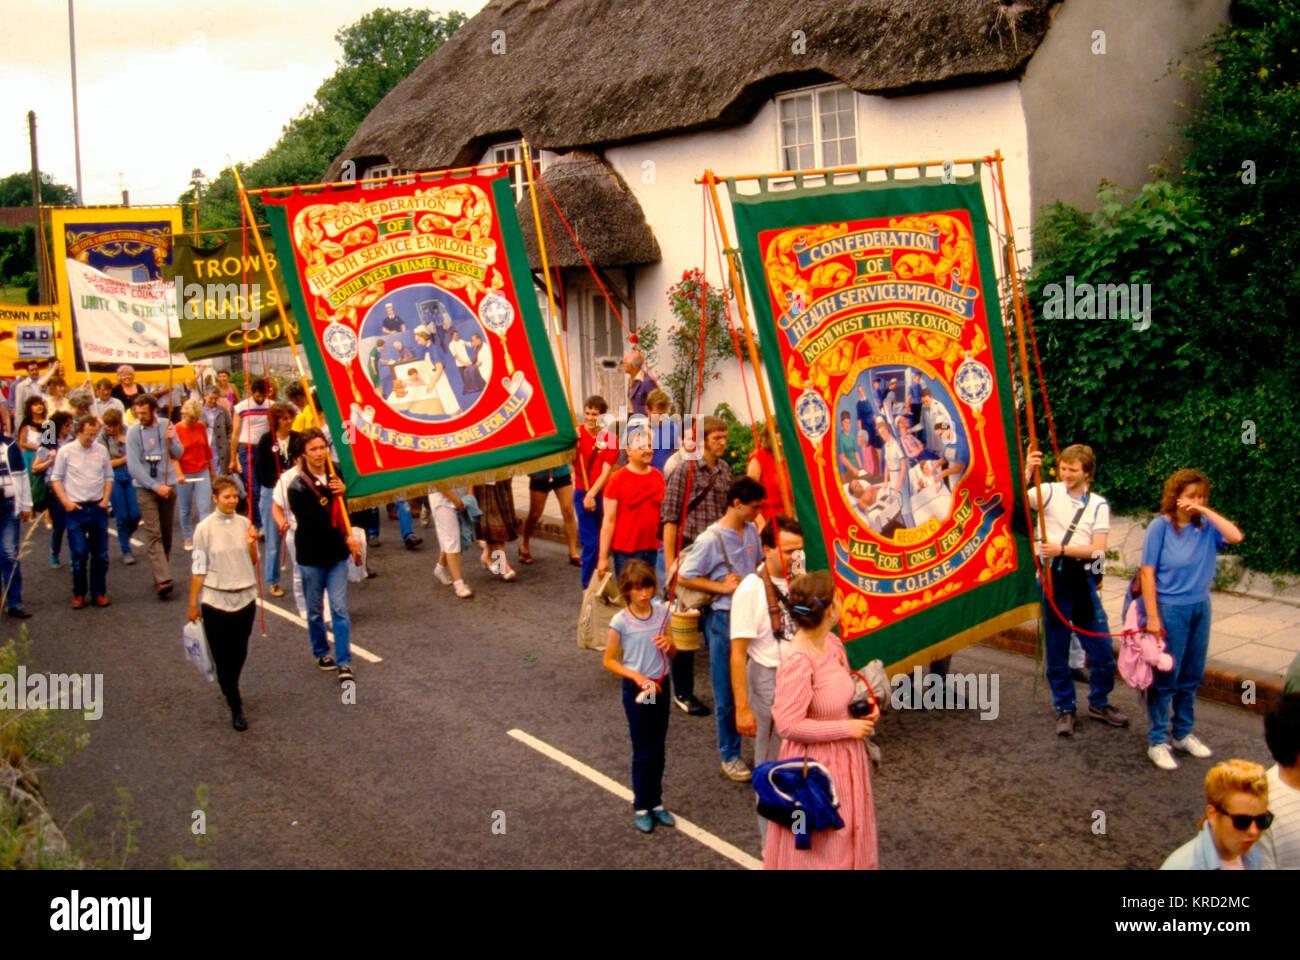 Menschen an der Tolpuddle Rallye Festival, Dorset, eine jährliche Veranstaltung zum Gedenken an den Tolpuddle Stockbild